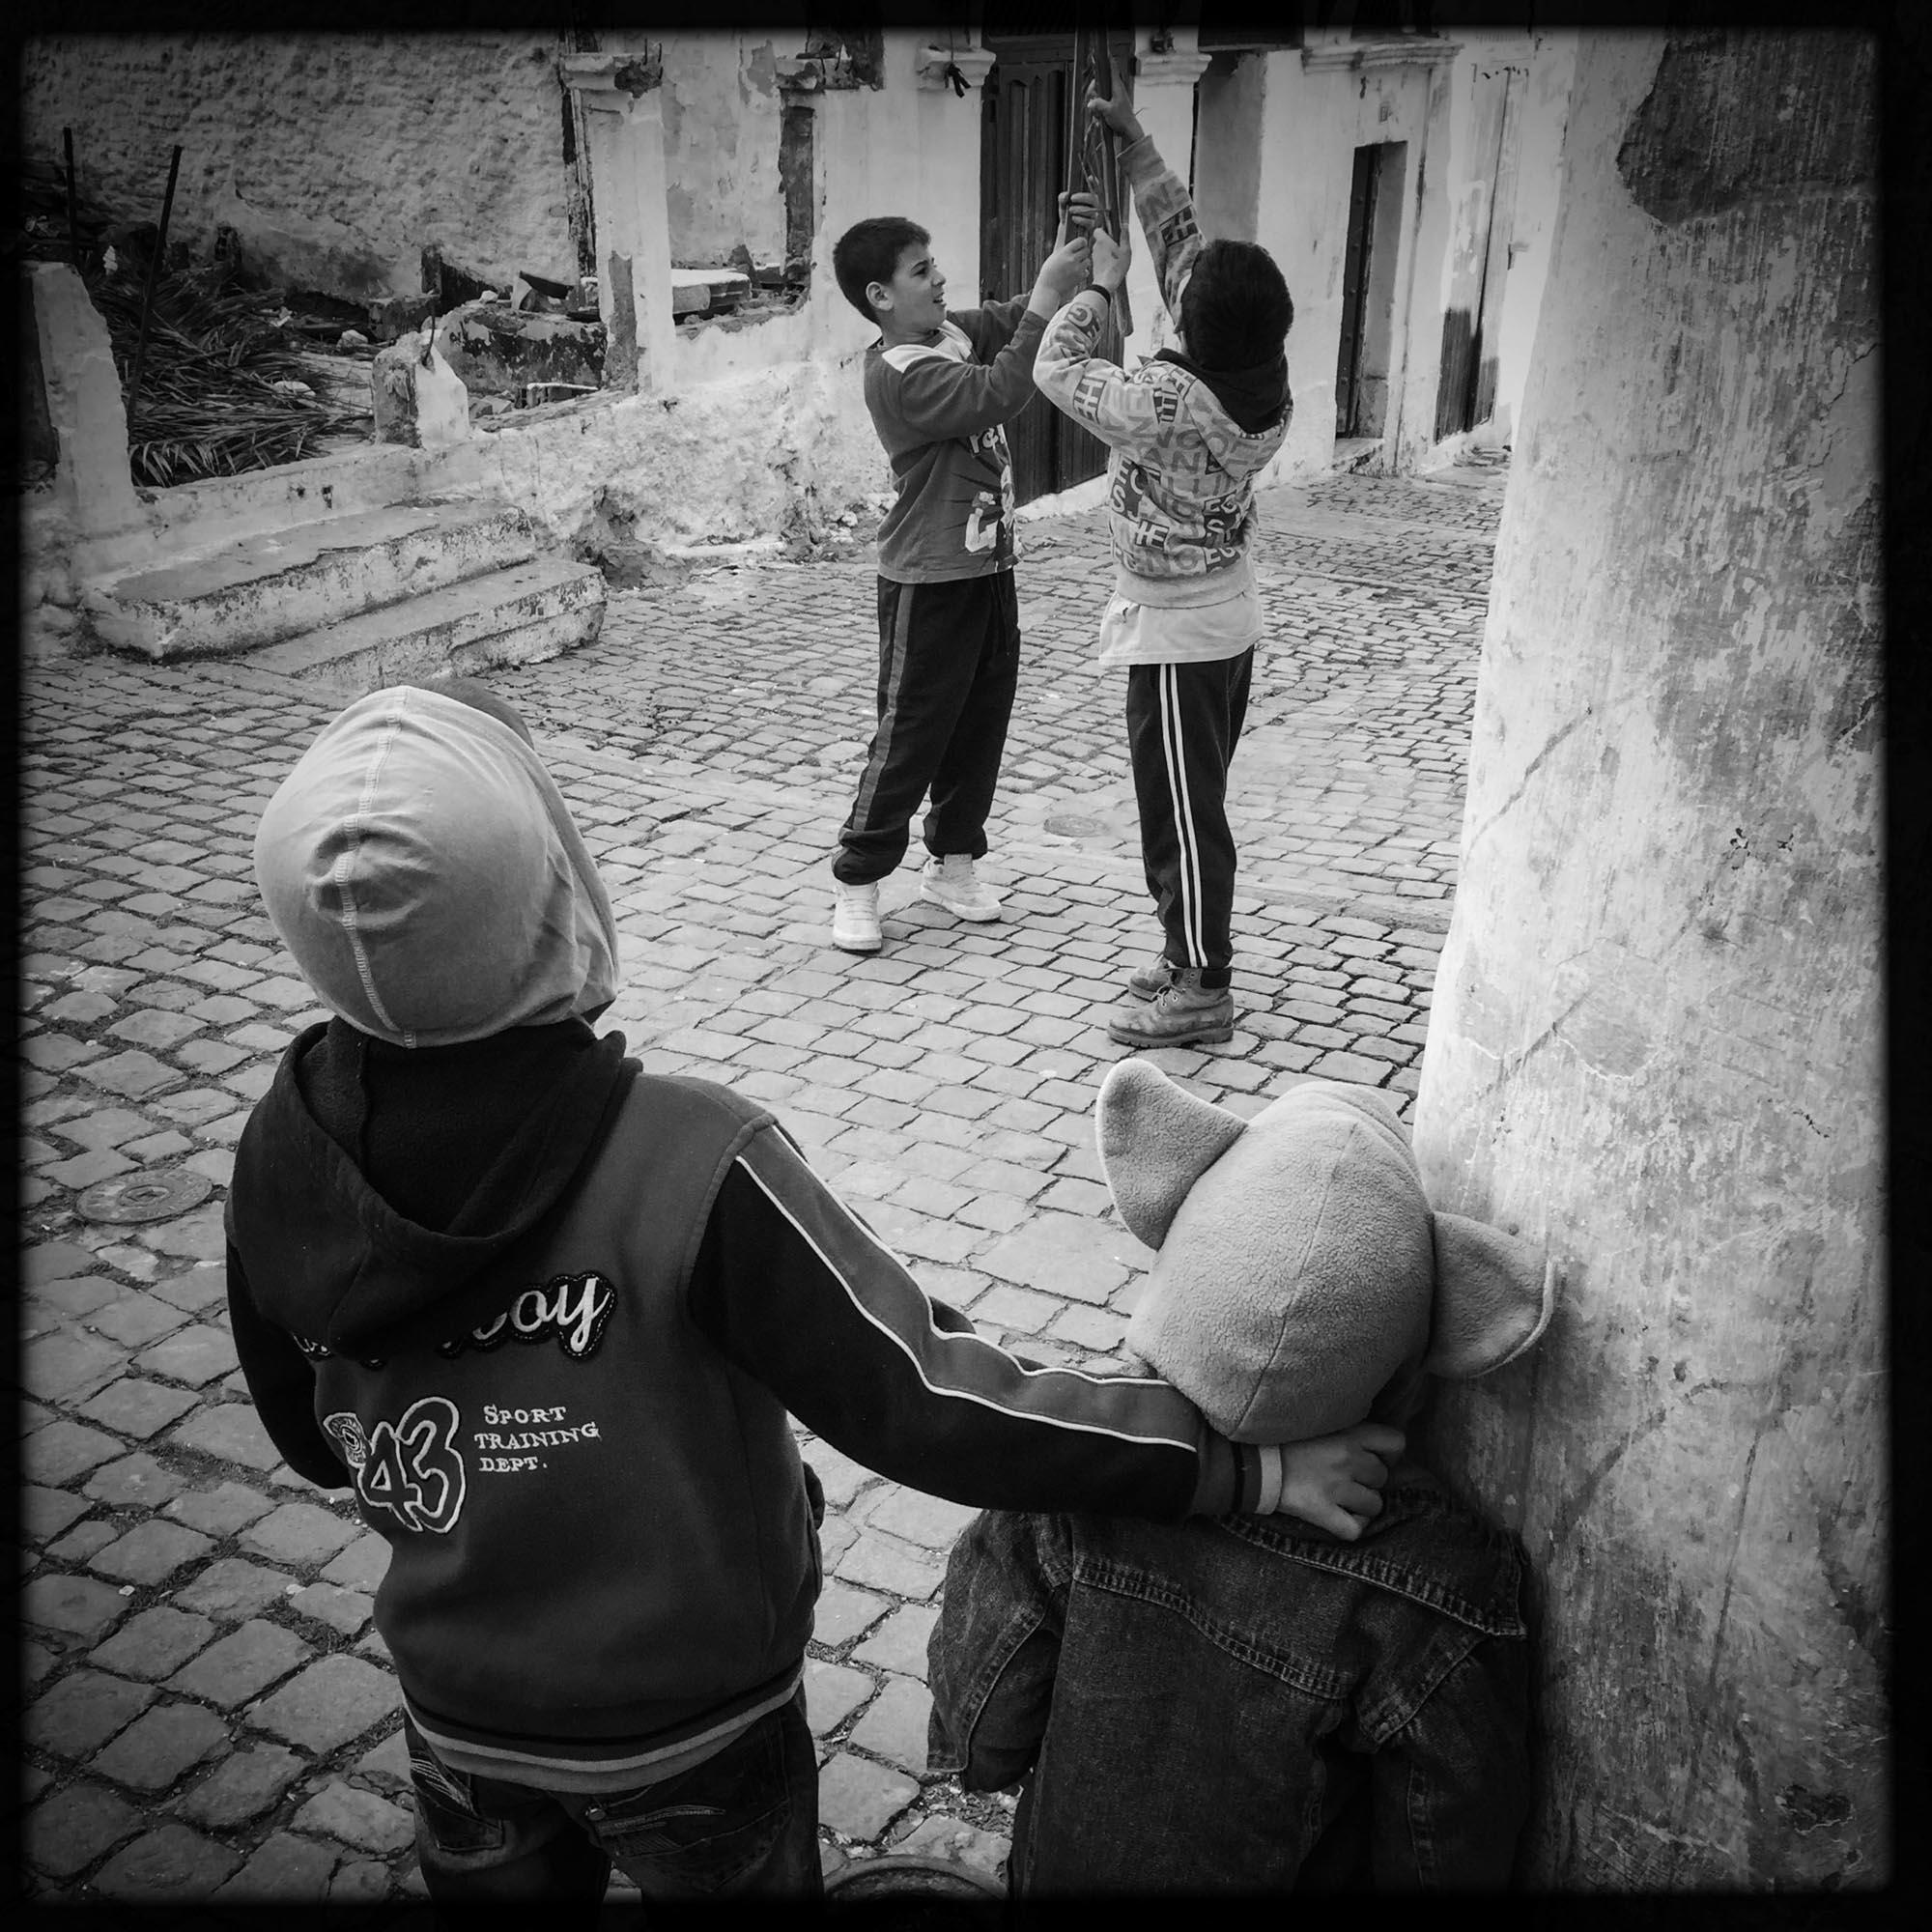 Jeux d'enfants dans la Casbah.17/02/2016, Alger-ALGERIE.